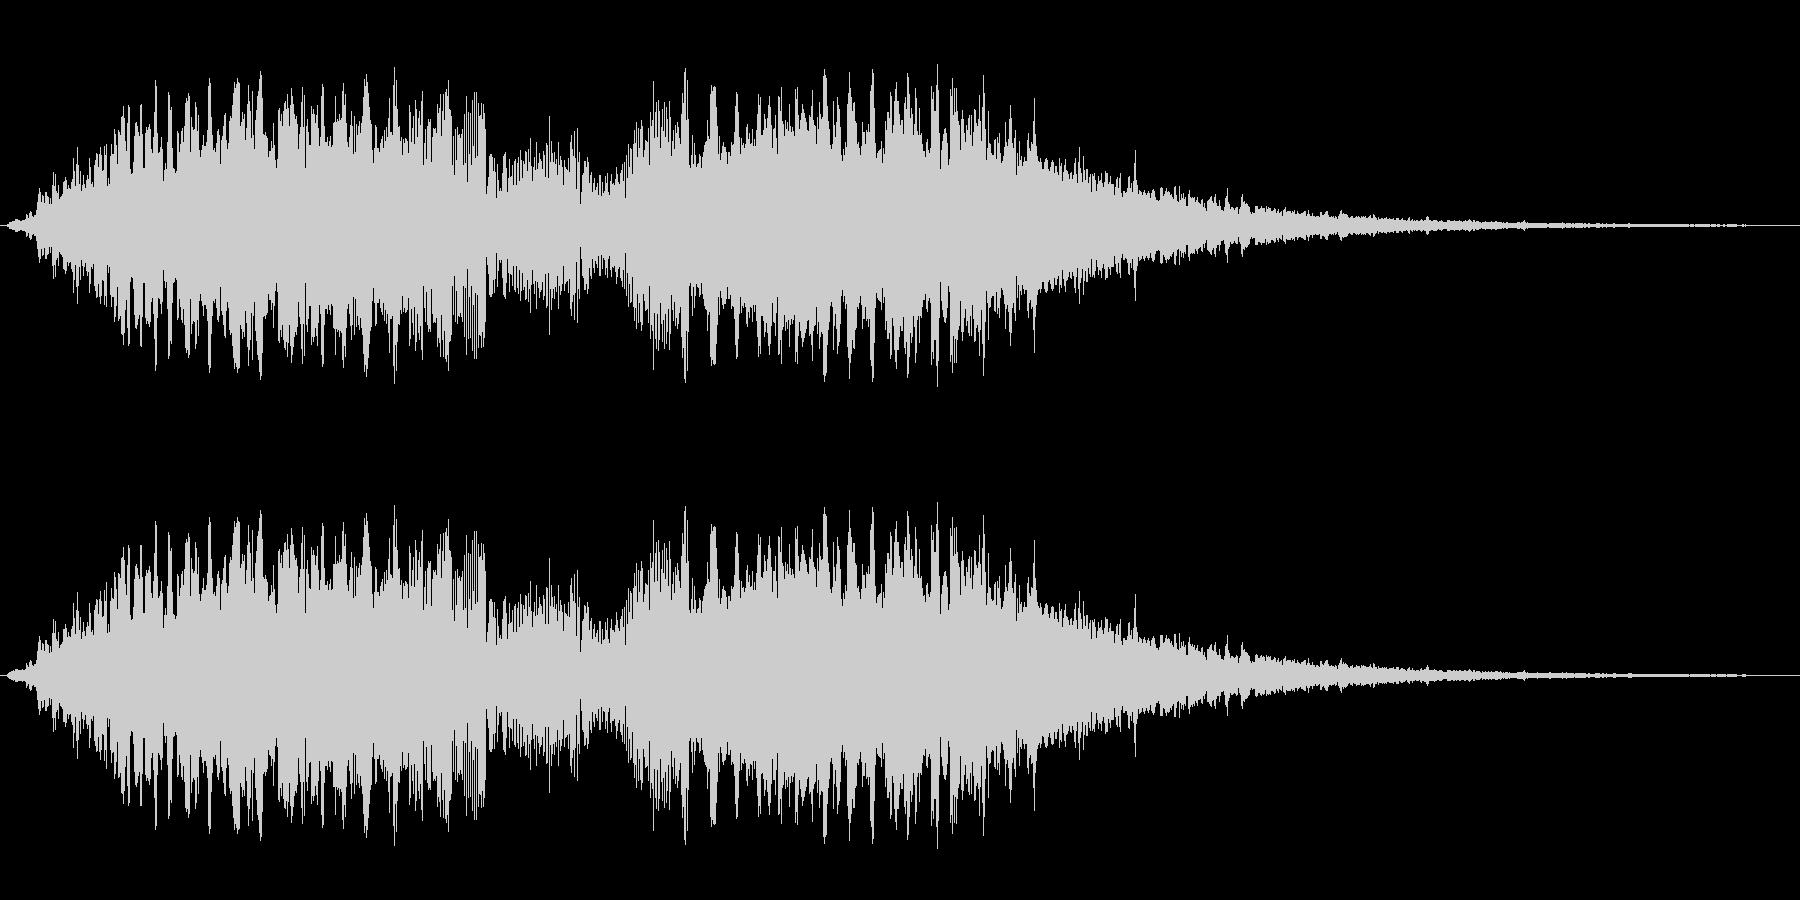 キュルルルシャララン(ワープのイメージ)の未再生の波形